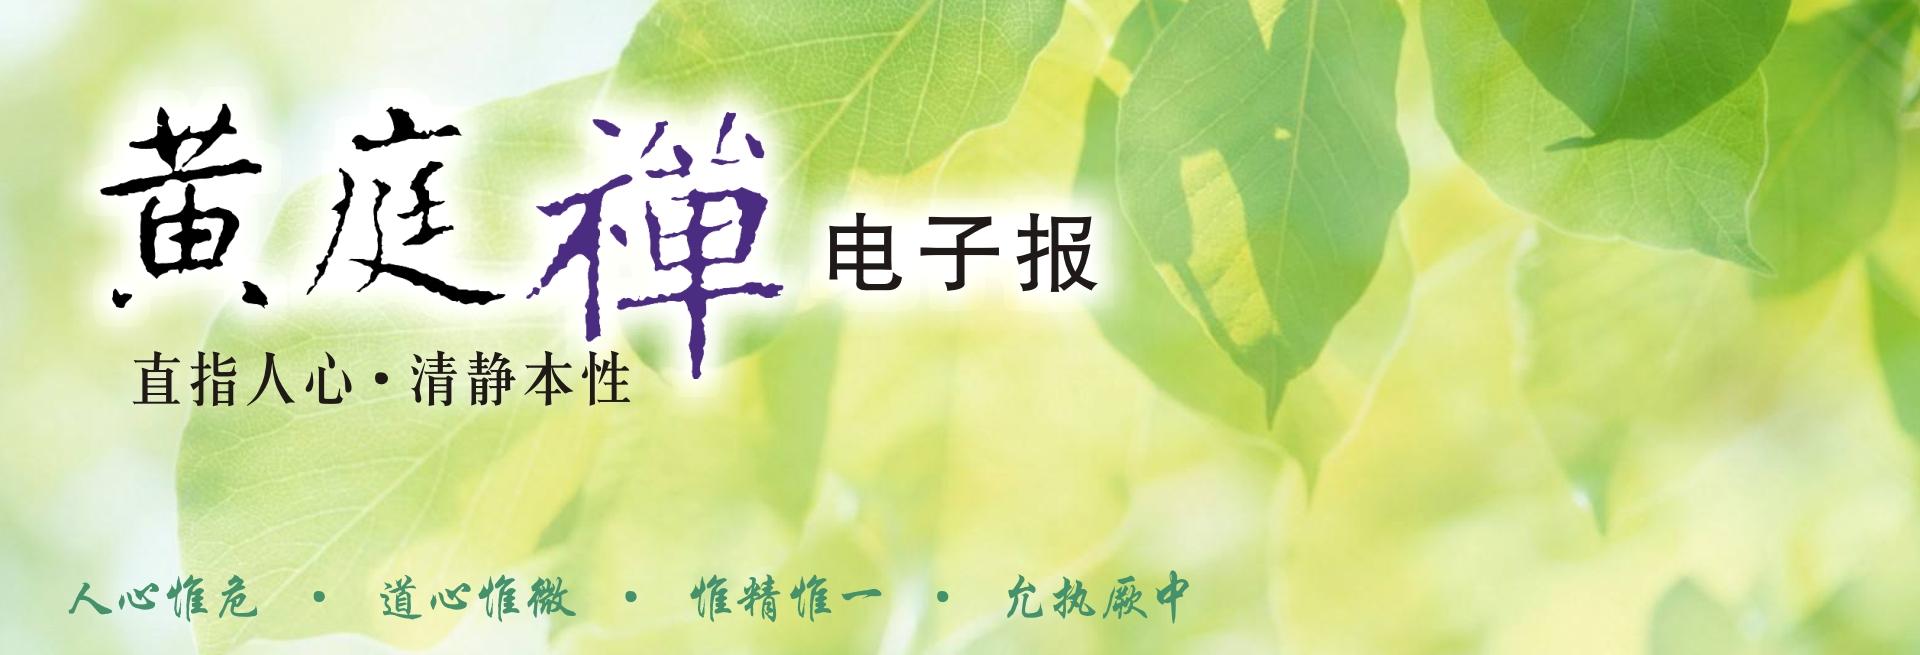 中華黃庭禪學會2019.04.01電子報